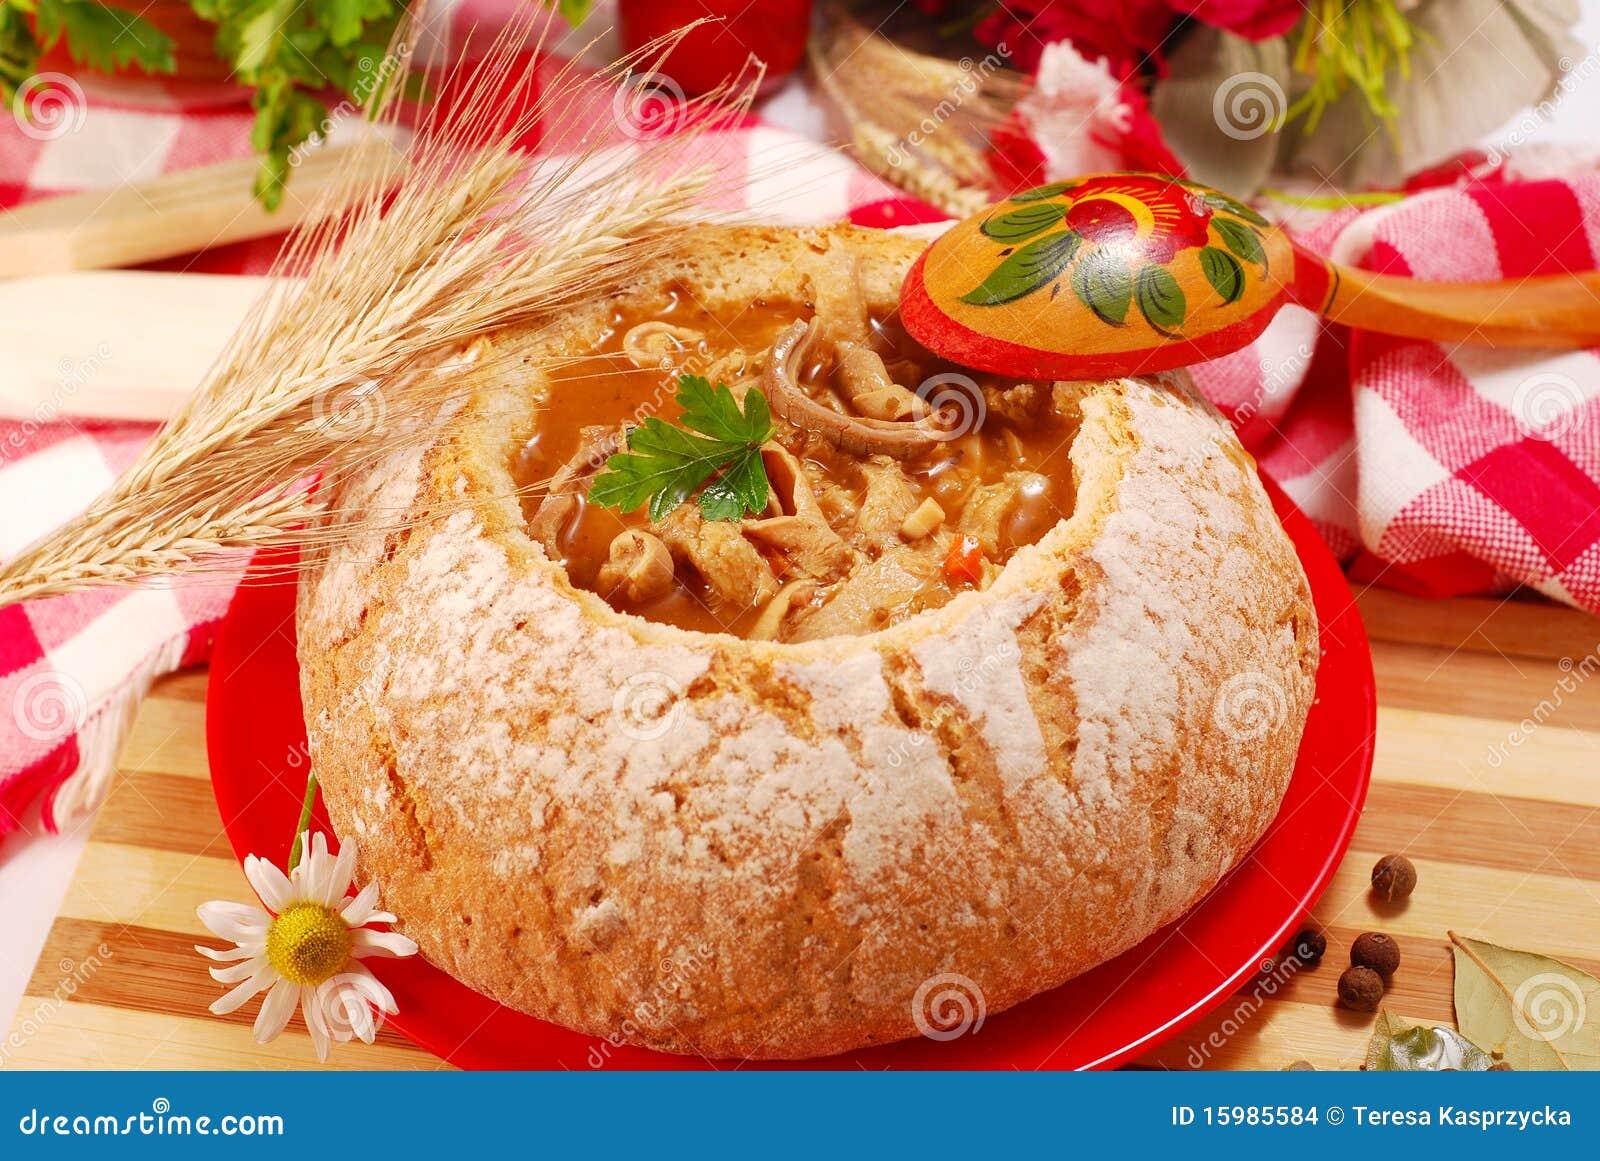 Polnische Kaldaunensuppe (flaki) In Der Brotschüssel Stockfoto ...